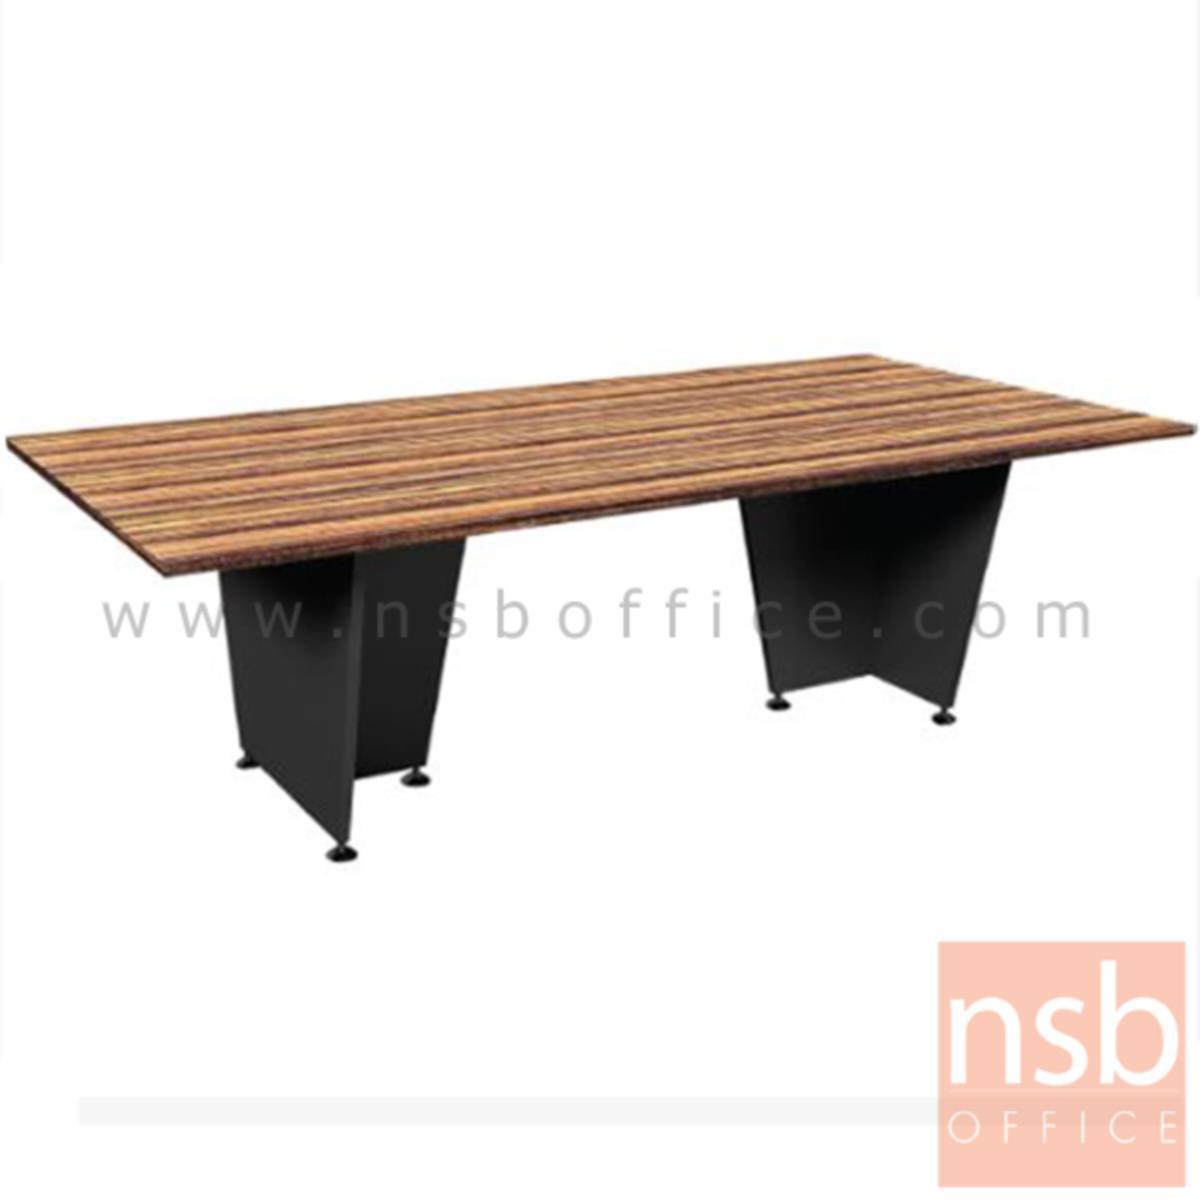 A26A022:โต๊ะประชุม  รุ่น Coralina (คอราลิน่า) ขนาด 240W cm. ขาไม้ สีลายไม้ซีบราโน่ตัดดำ ไม่มีขอบ